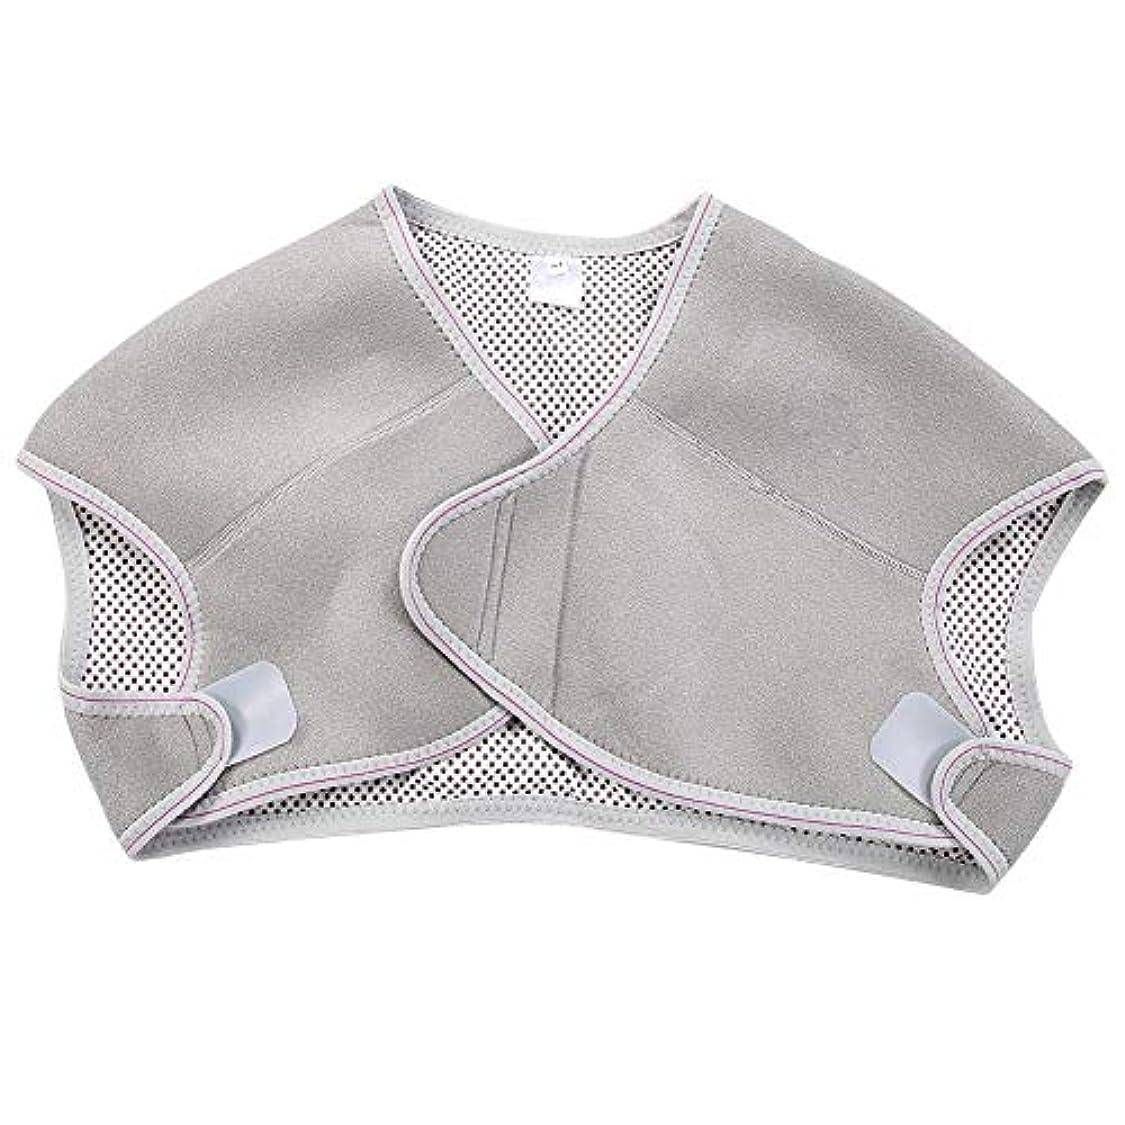 証言シート温度TOPINCN 肩パッド 発熱療法磁気ショルダーパッド 肩 温め ホット 血行促進 ホット 痛み解消 着脱 簡単 男女兼用 調節可能 自己発熱(M)